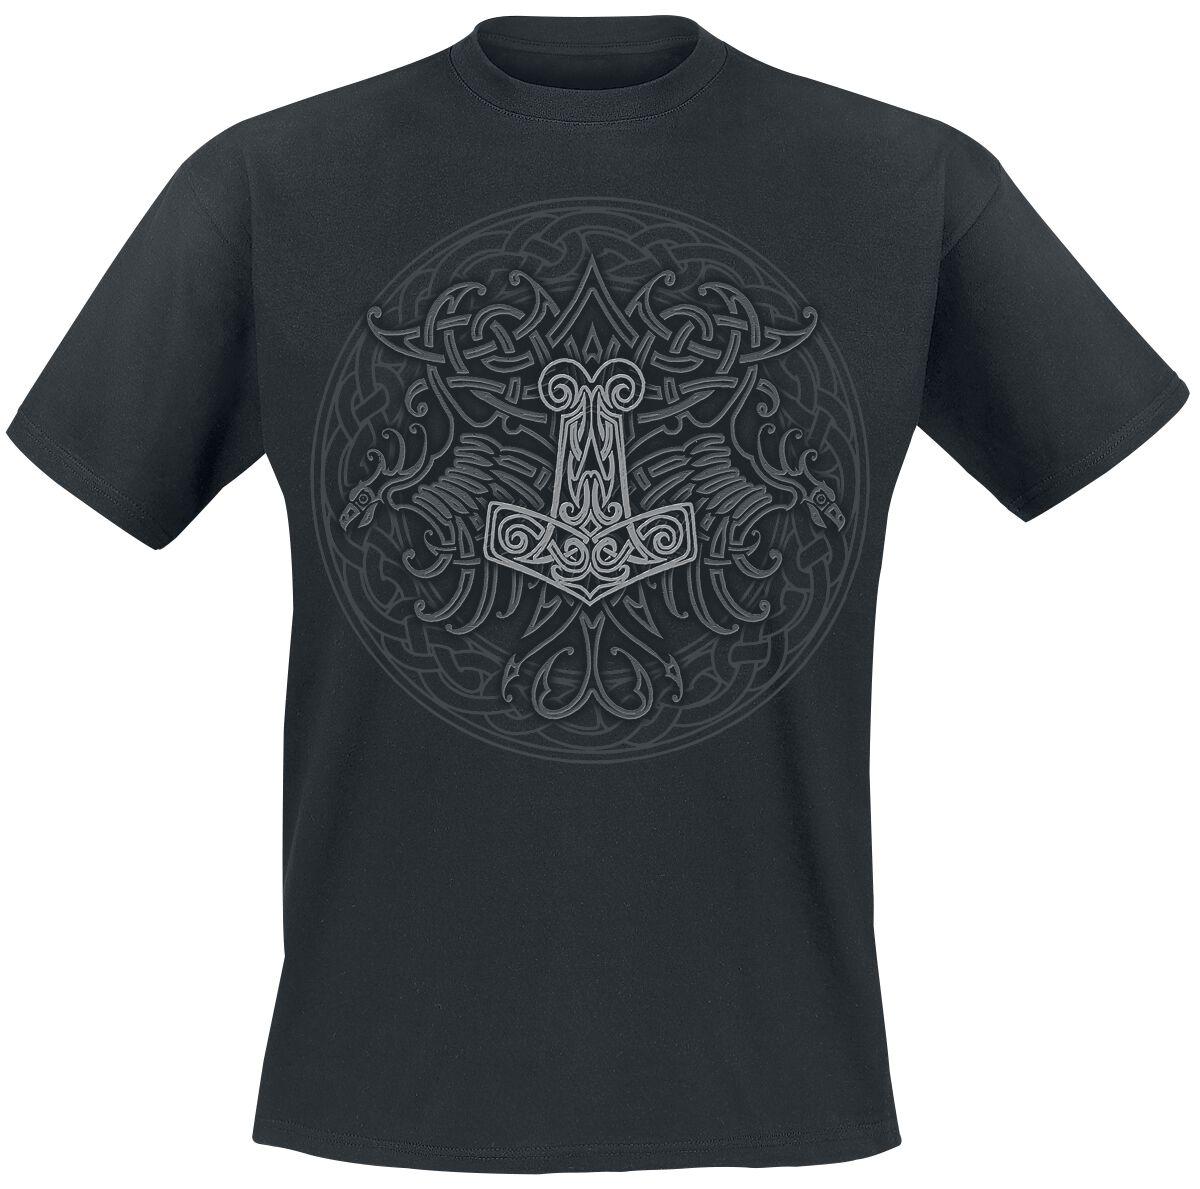 Motyw - Koszulki - T-Shirt Celtic Viking Shield T-Shirt czarny - 322864